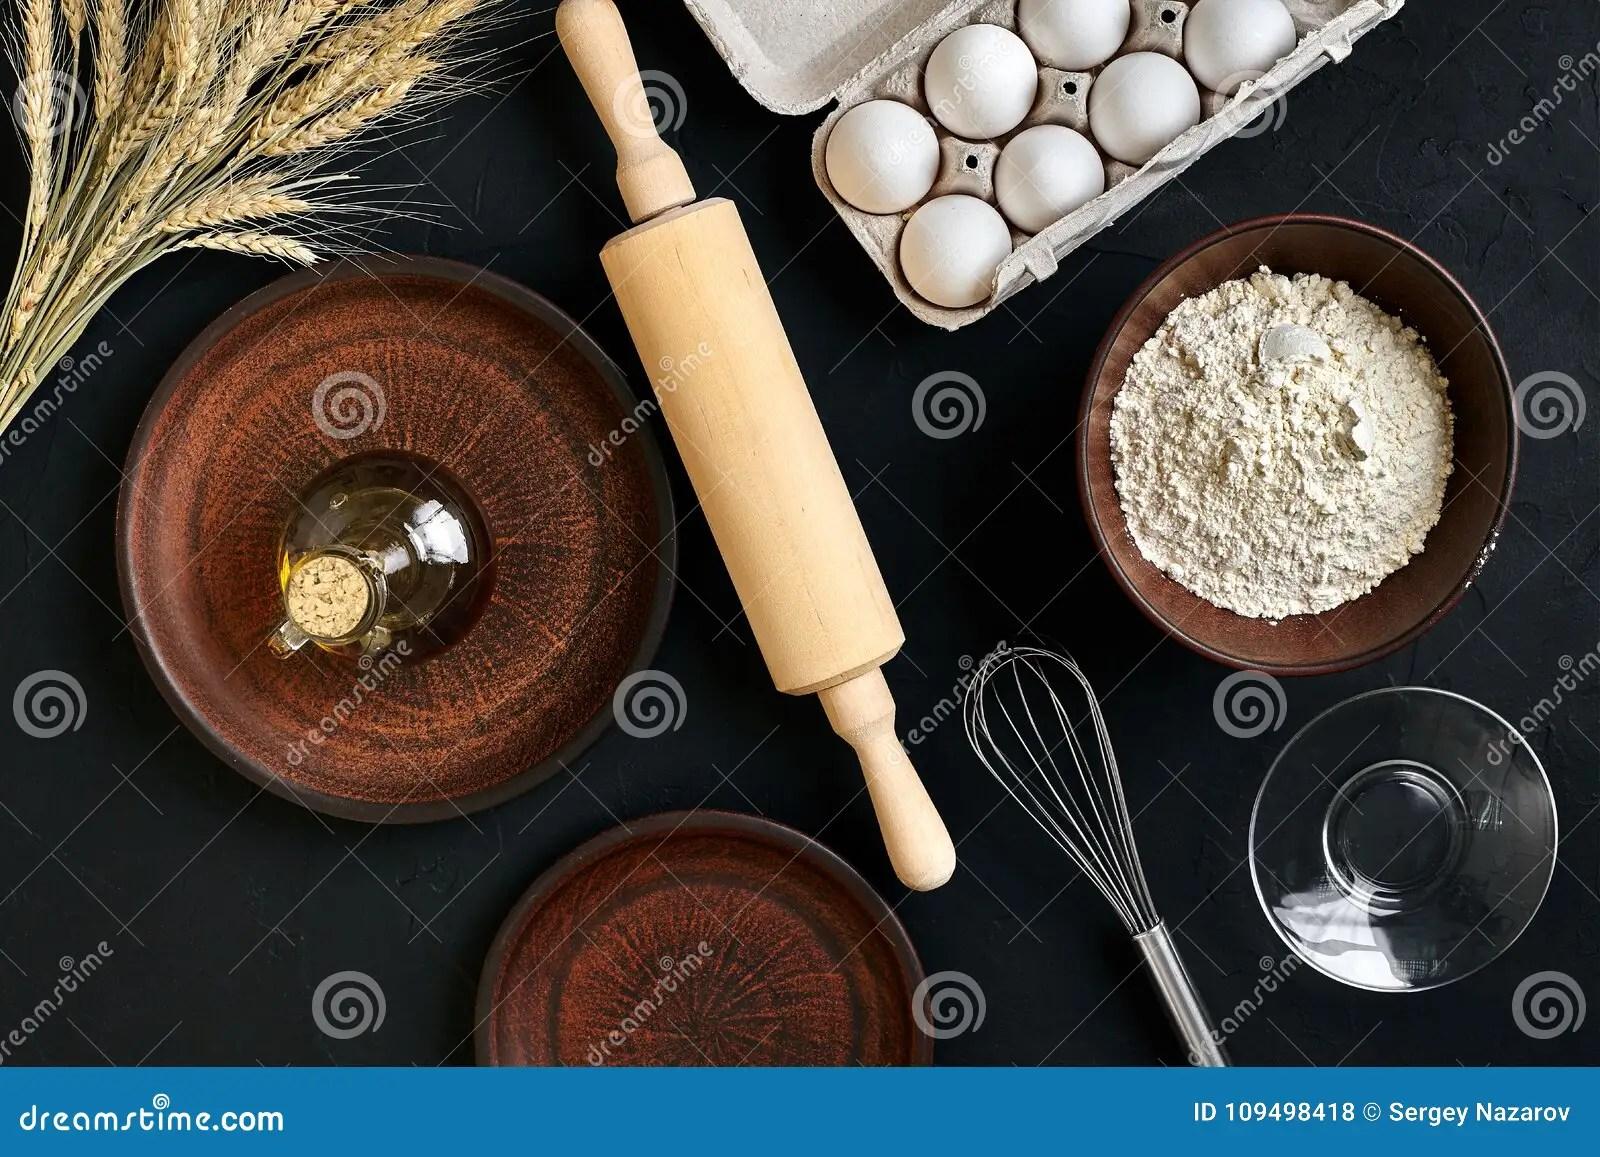 kitchen prep table retro chairs 面团准备做成份 在厨房用桌背景的食物平的位置的食谱面包 薄饼或者饼 薄饼或者饼与黄油一起使用 酵母 面粉 鸡蛋 糖酥皮点心或面包店烹调顶视图仍然1寿命